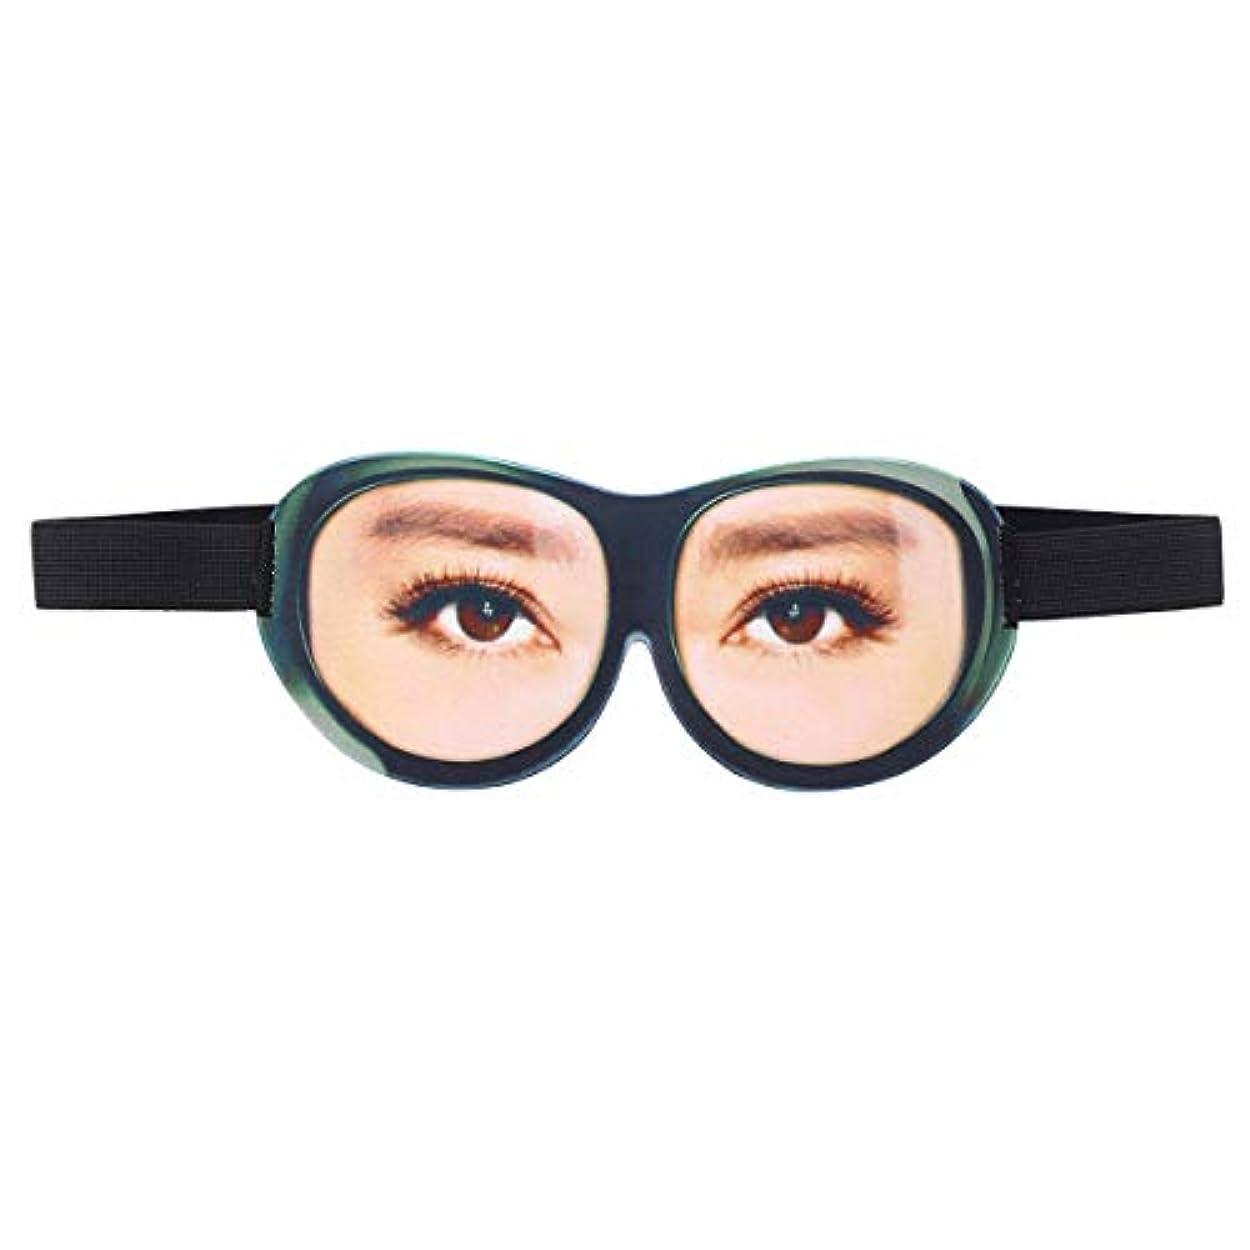 長方形否認する鉛Healifty 3D面白いアイシェード睡眠マスク旅行アイマスク目隠し睡眠ヘルパーアイシェード男性女性旅行昼寝と深い睡眠(魅力的であるふりをする)